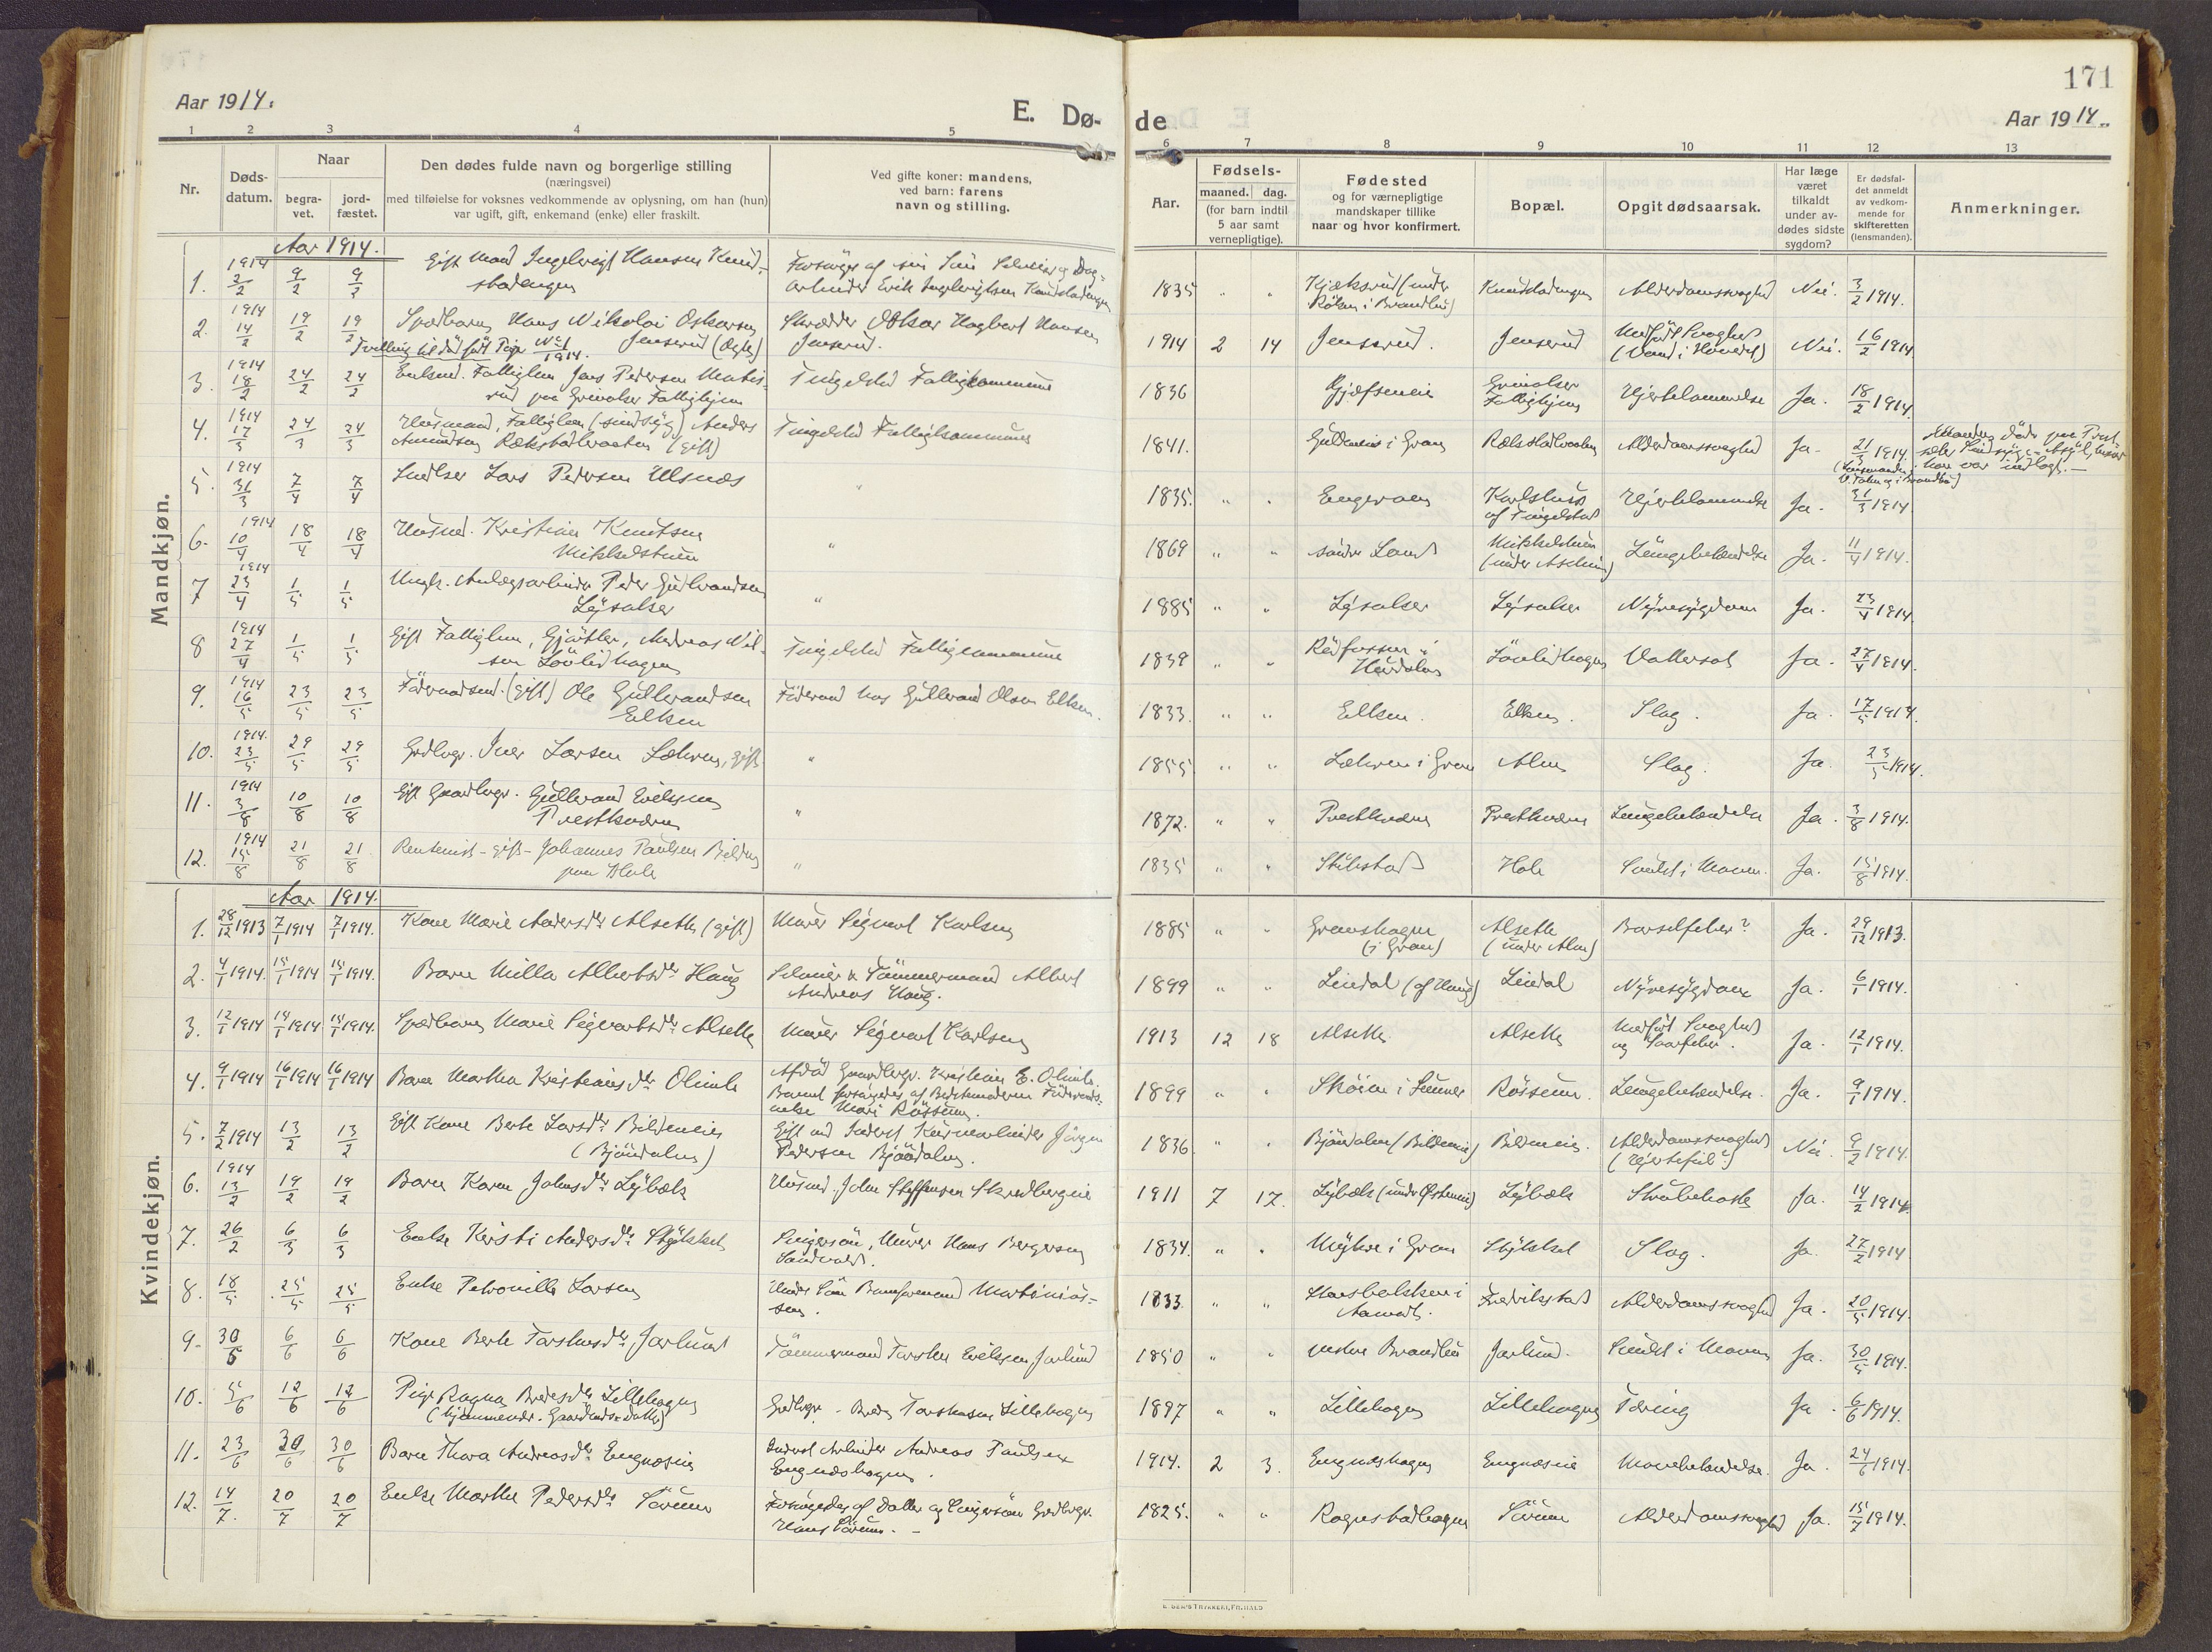 SAH, Brandbu prestekontor, Ministerialbok nr. 3, 1914-1928, s. 171